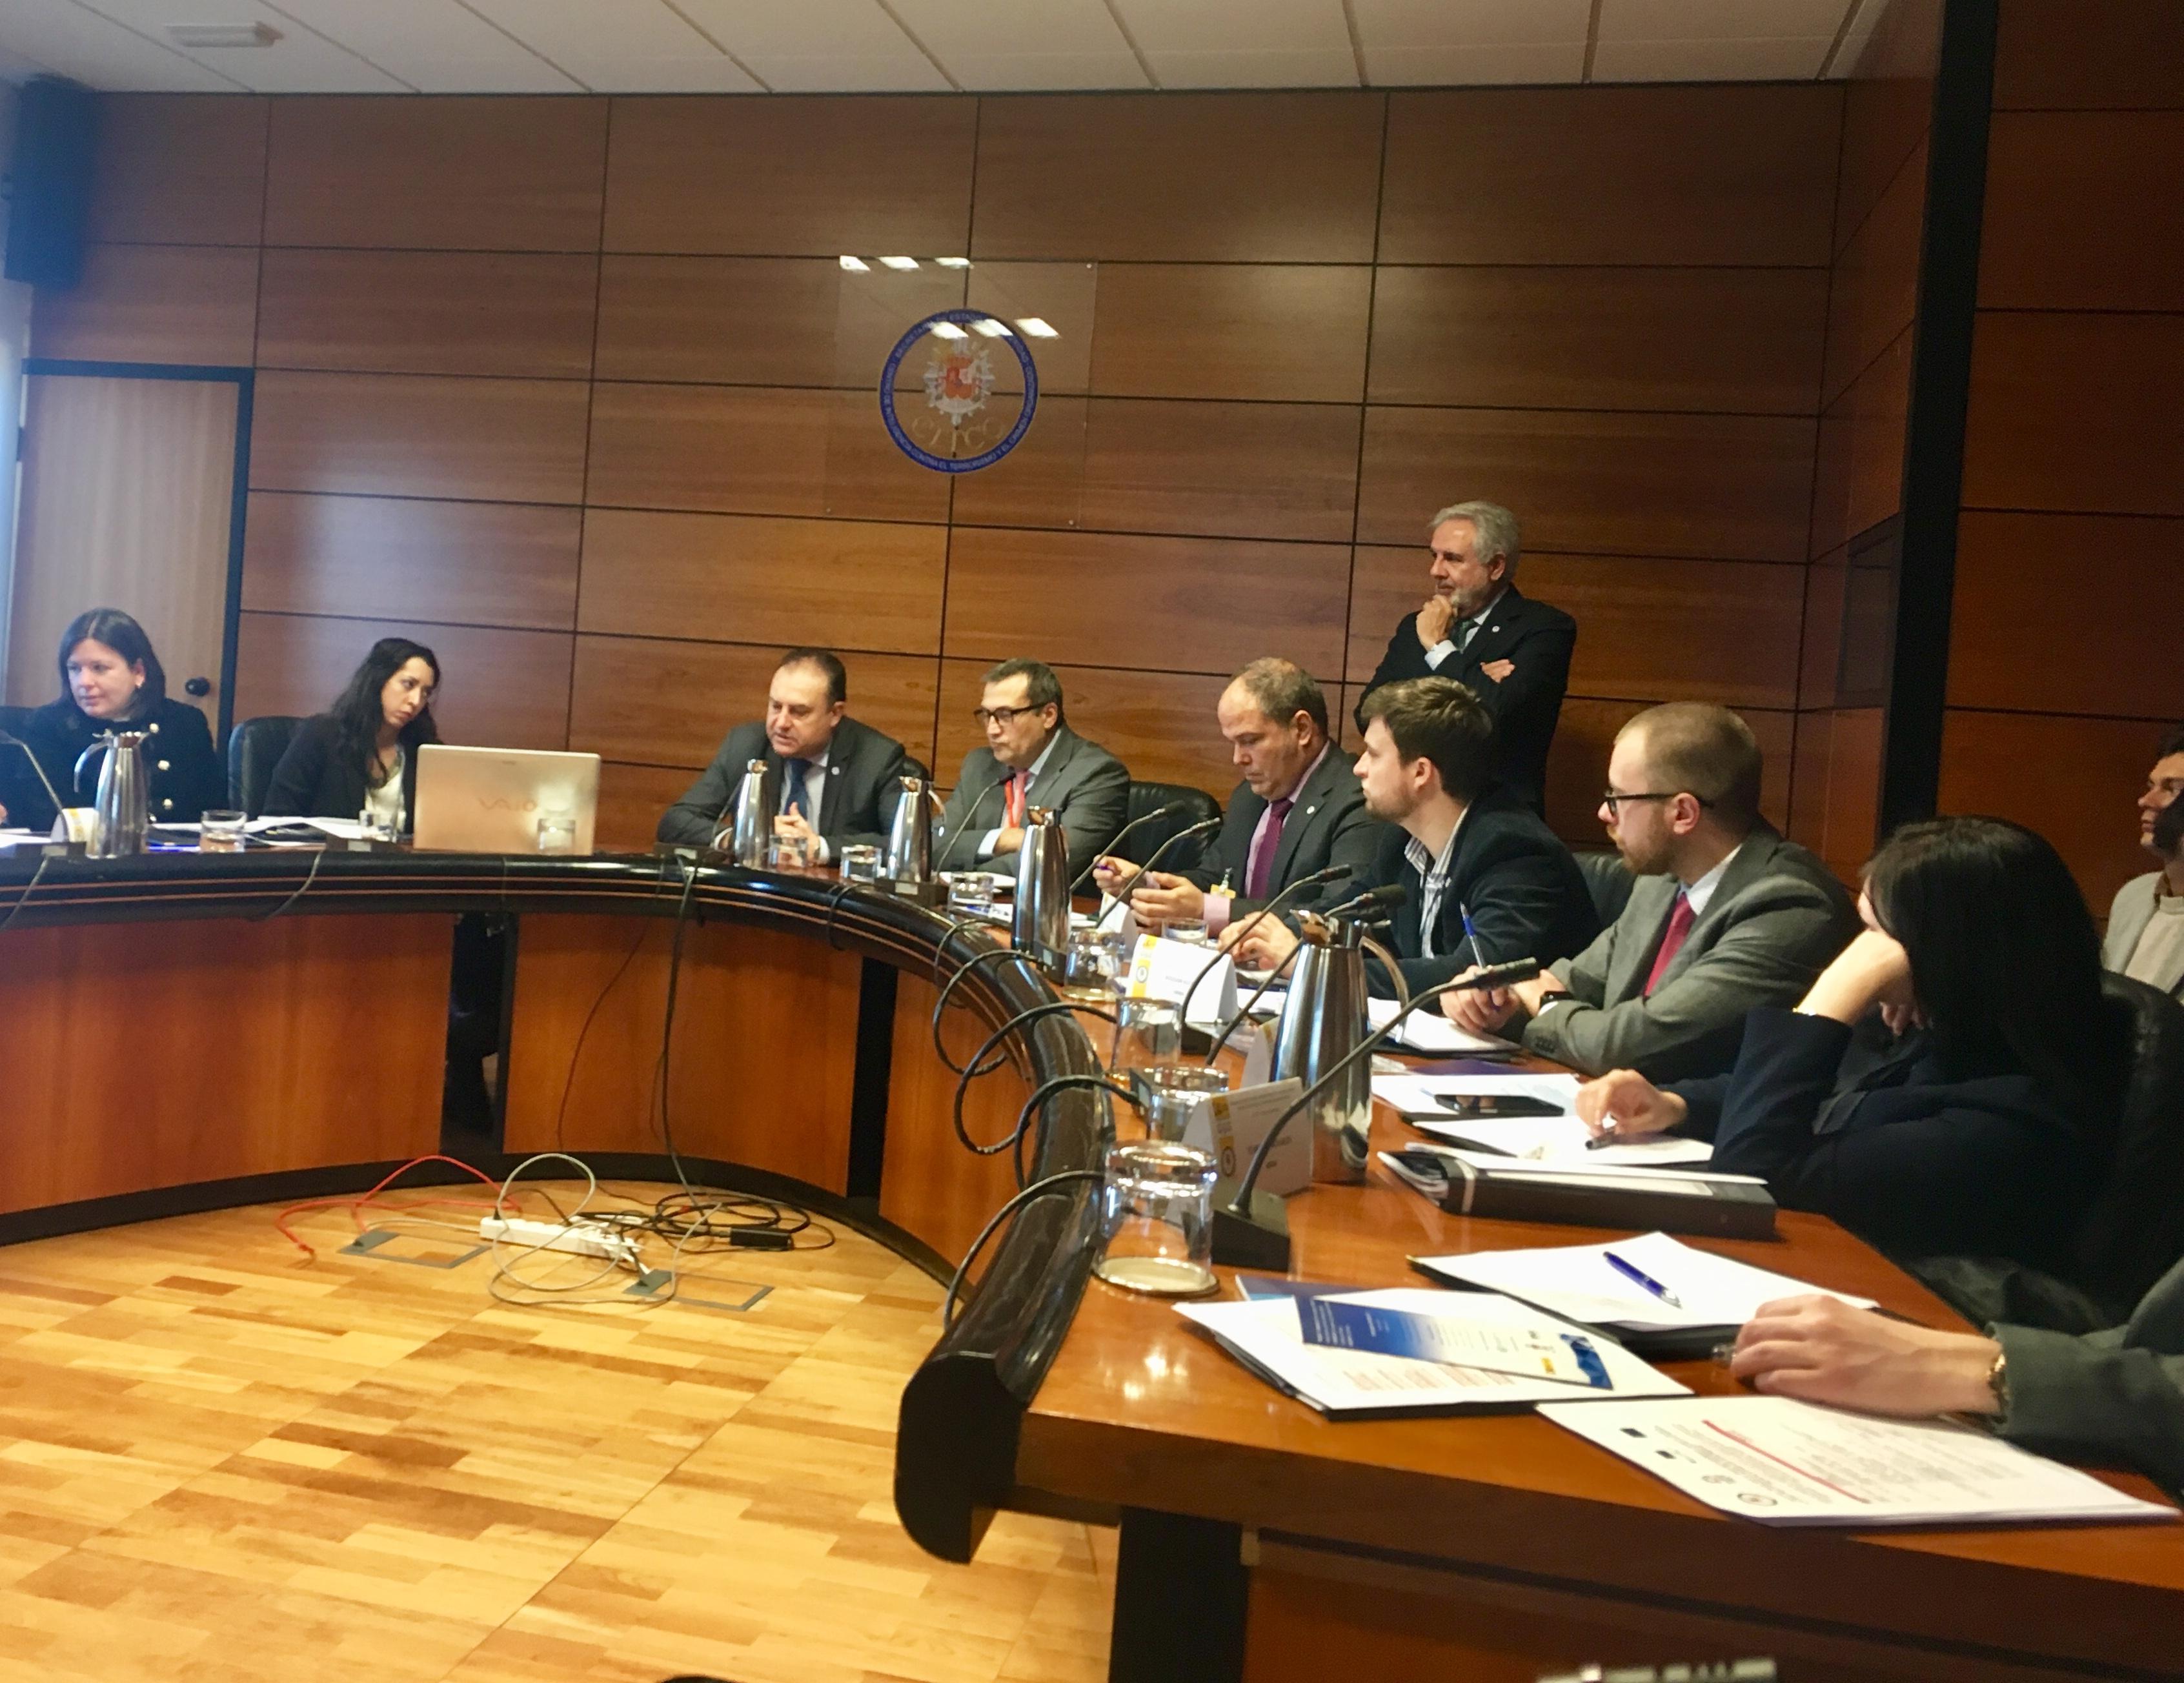 Кращі європейські практики розслідувань для правоохоронних органів України